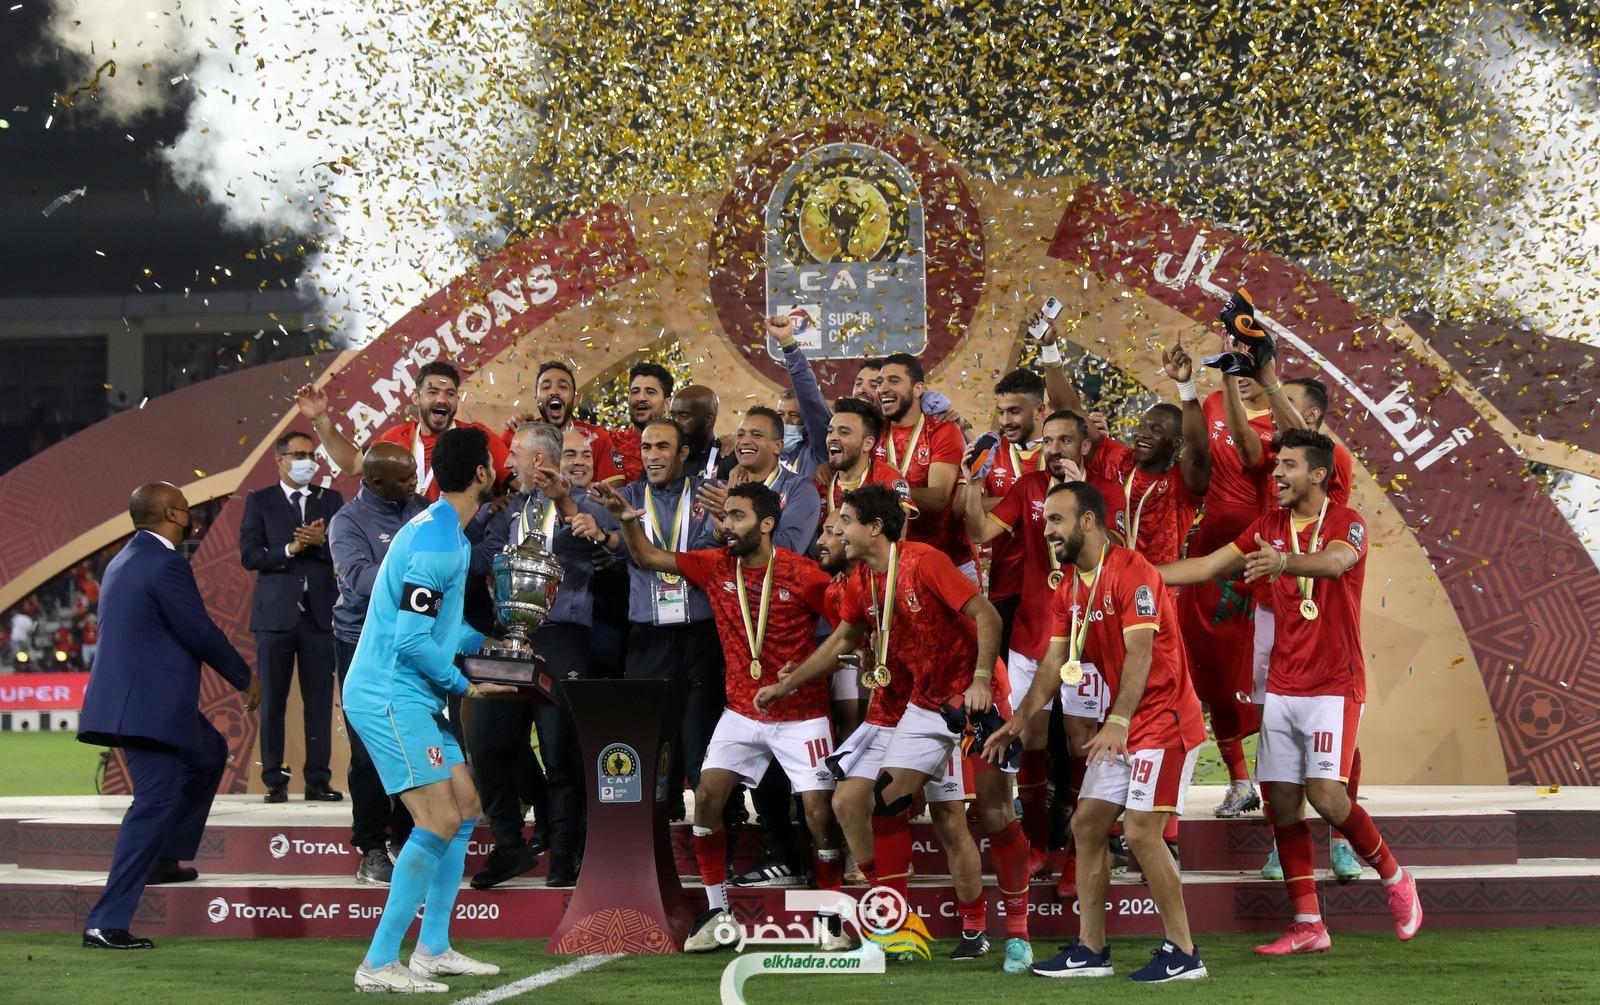 الأهلي المصري يتوج بلقب كأس السوبر الإفريقية 1